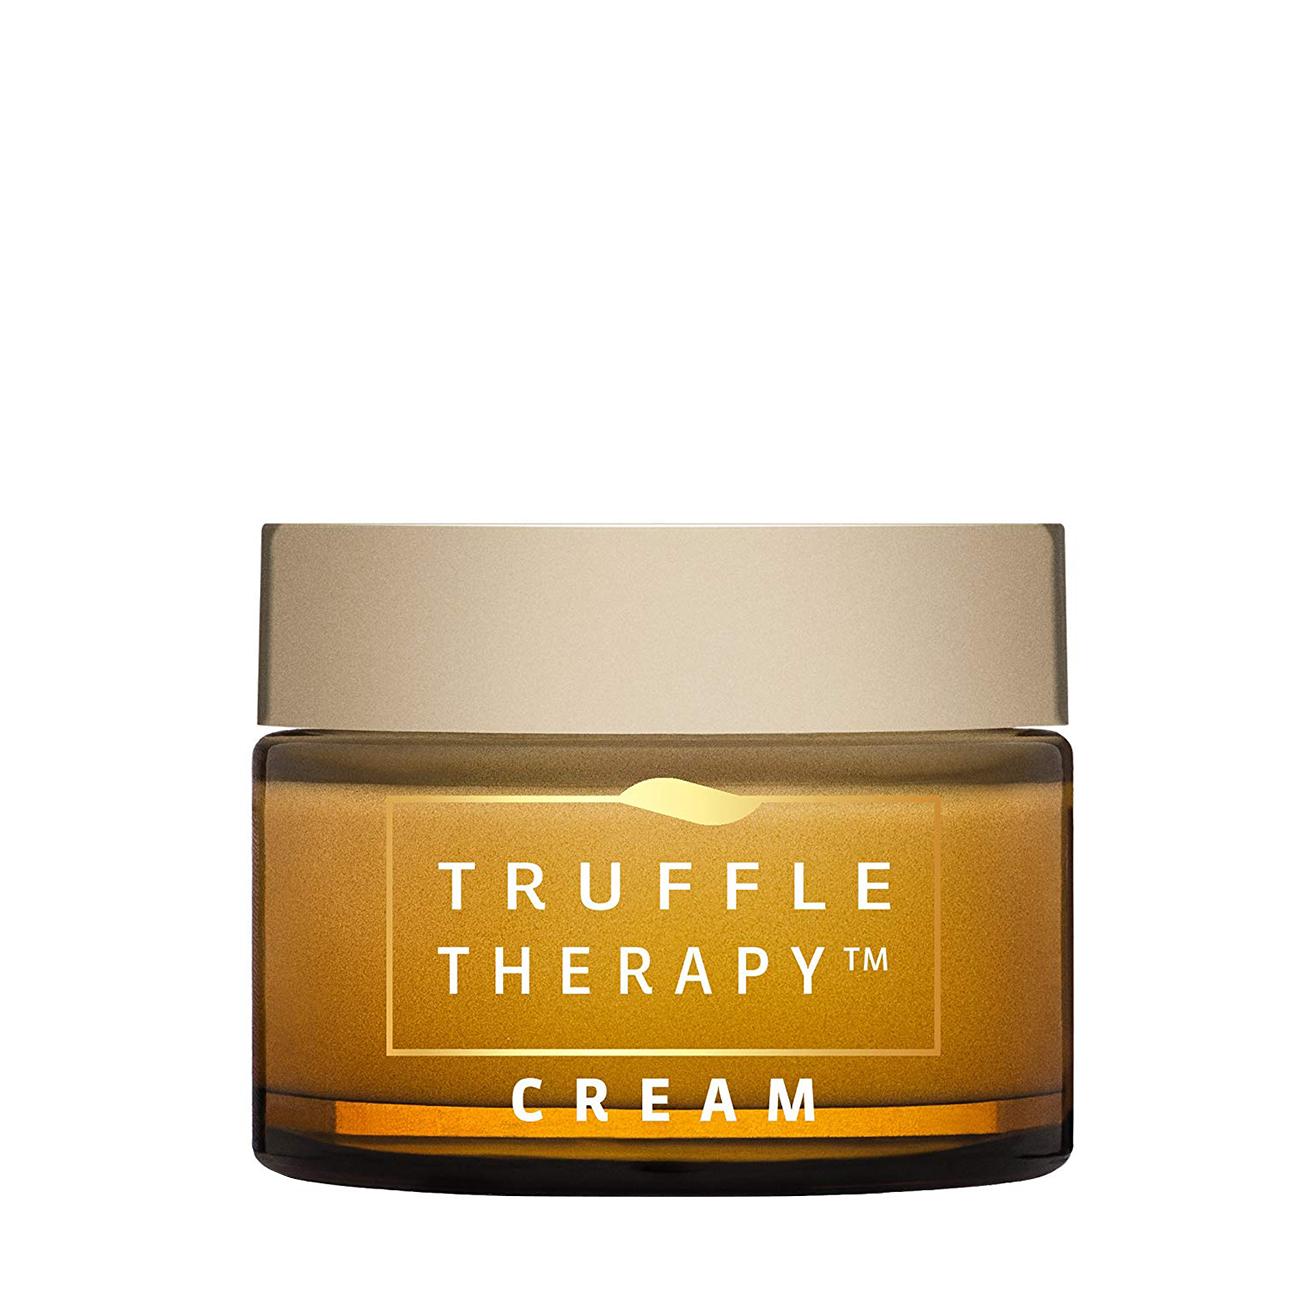 TRUFFLE THERAPY CREAM 50ml